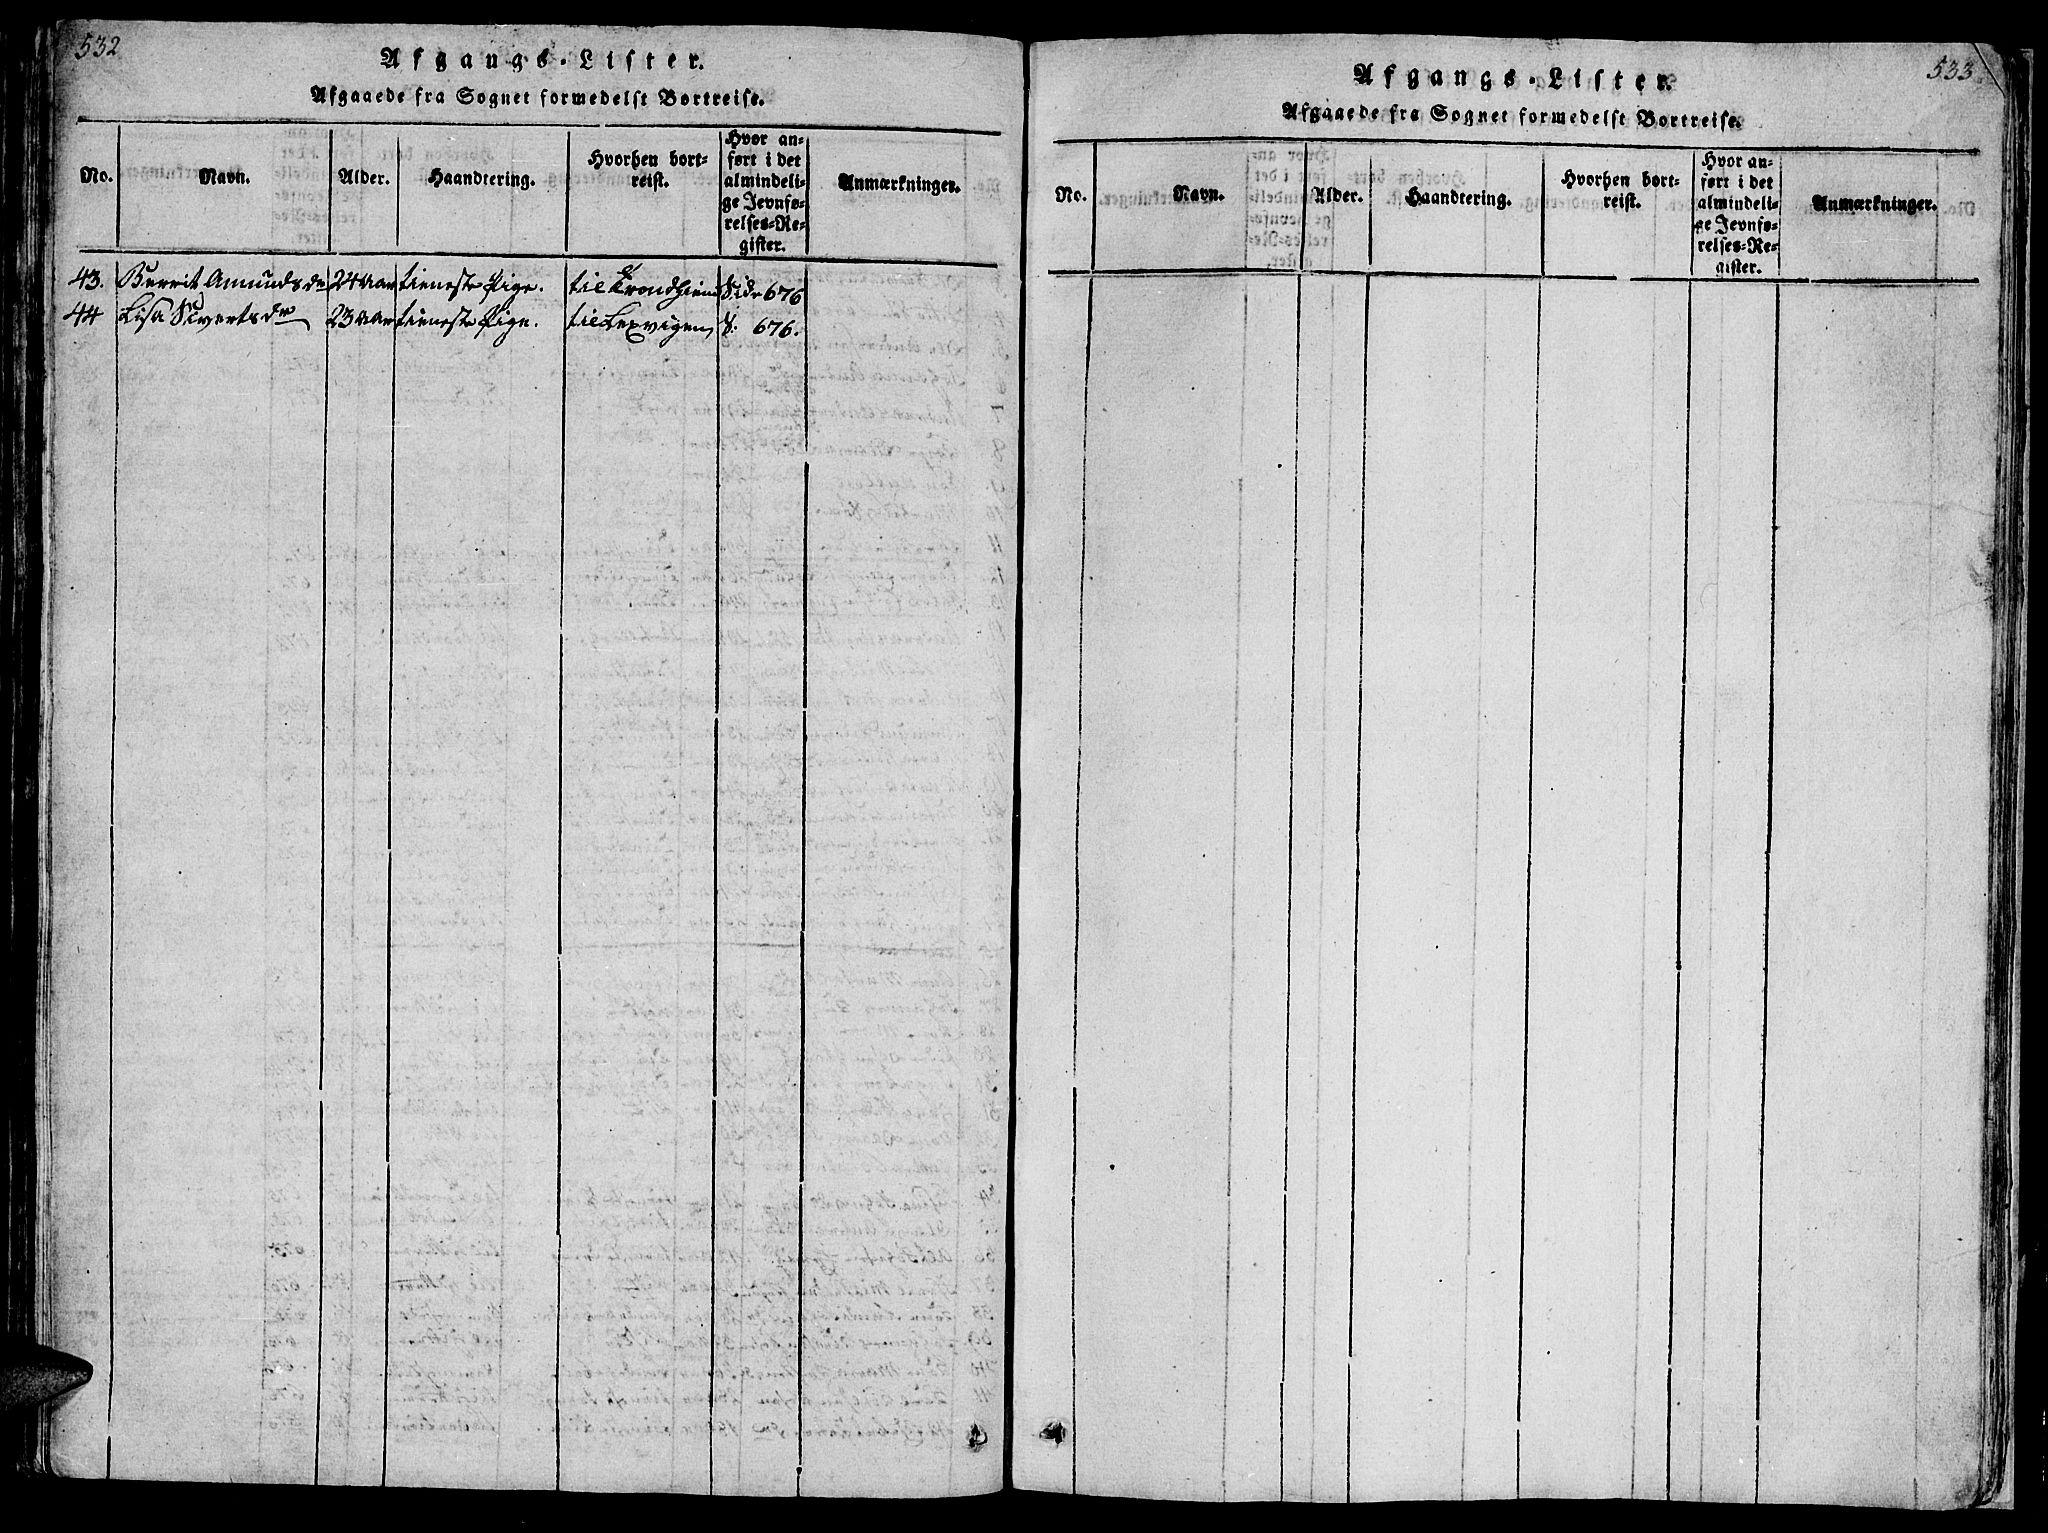 SAT, Ministerialprotokoller, klokkerbøker og fødselsregistre - Sør-Trøndelag, 659/L0744: Klokkerbok nr. 659C01, 1818-1825, s. 532-533